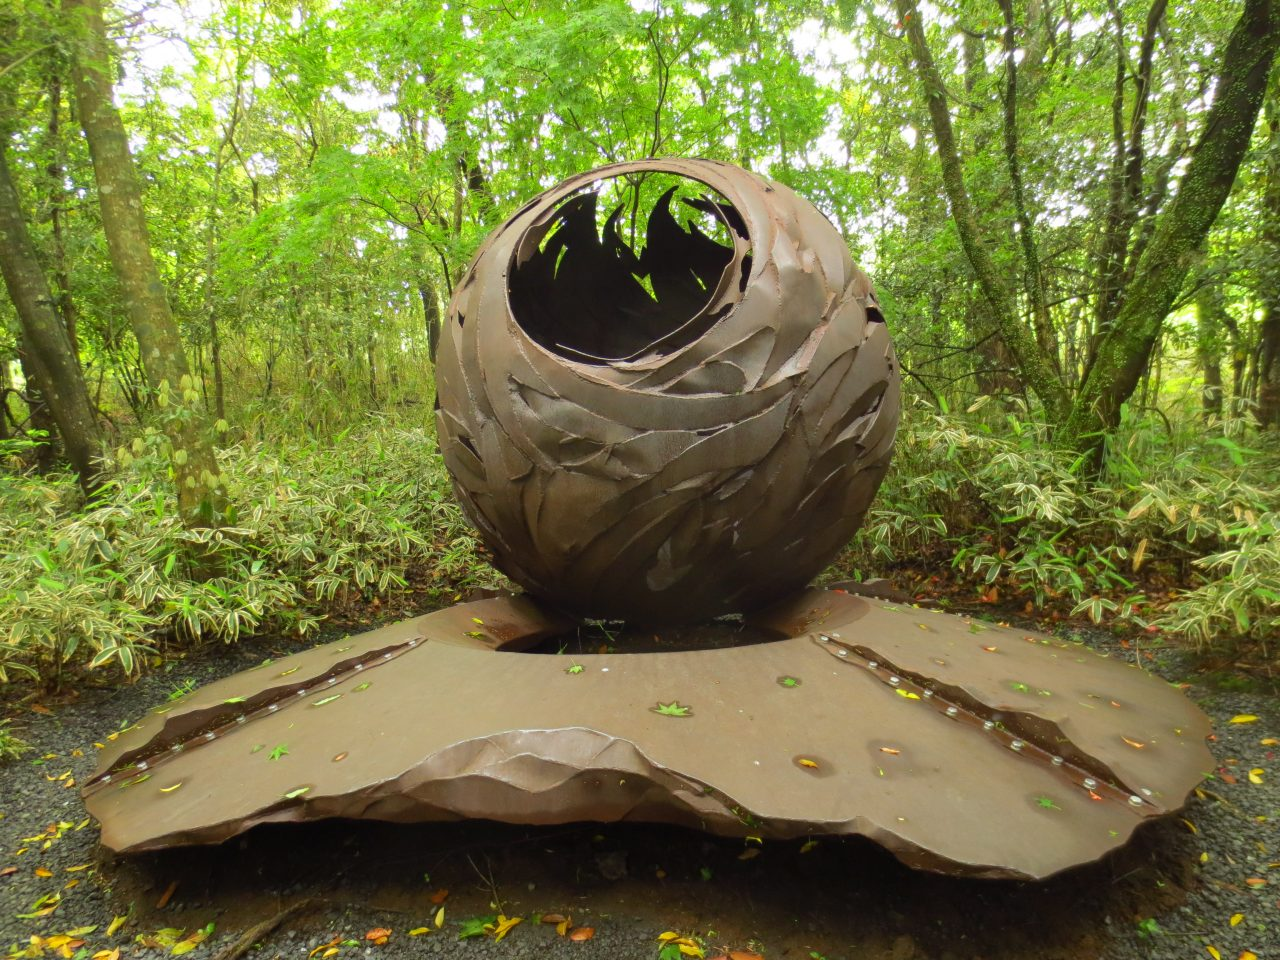 プログレッシヴ・ロックがよく合う非日常空間「霧島アートの森」へ。